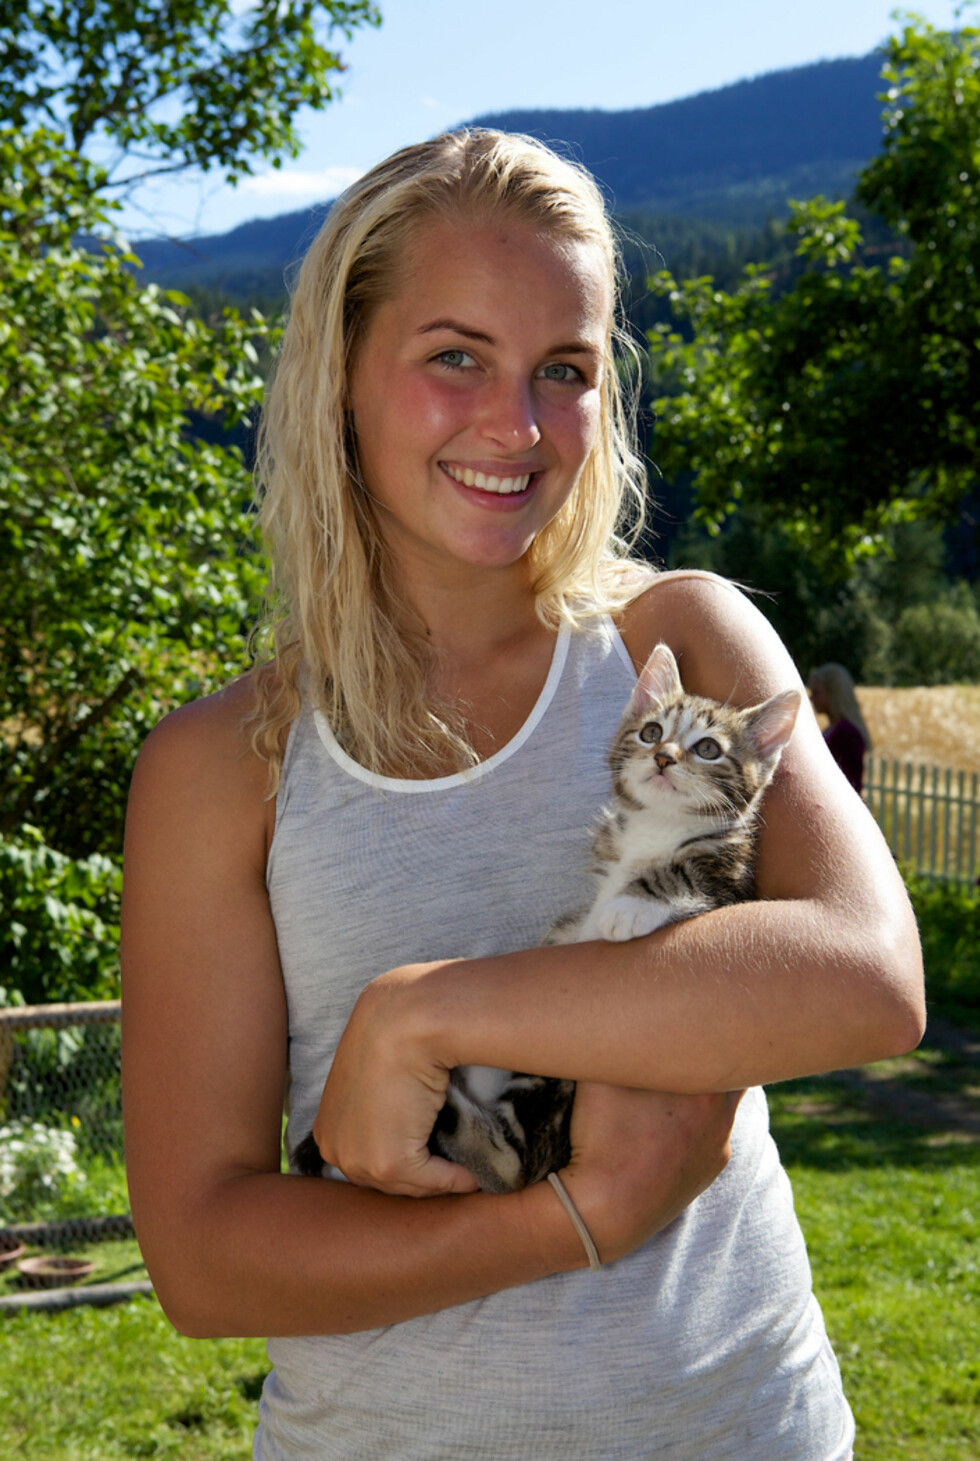 TIDENES YNGSTE: Ingvild Skare Thygesen overrasket mange da hun gikk helt til topps i «Farmen» i 2012, som den yngste vinneren hittil.  Foto: TV 2